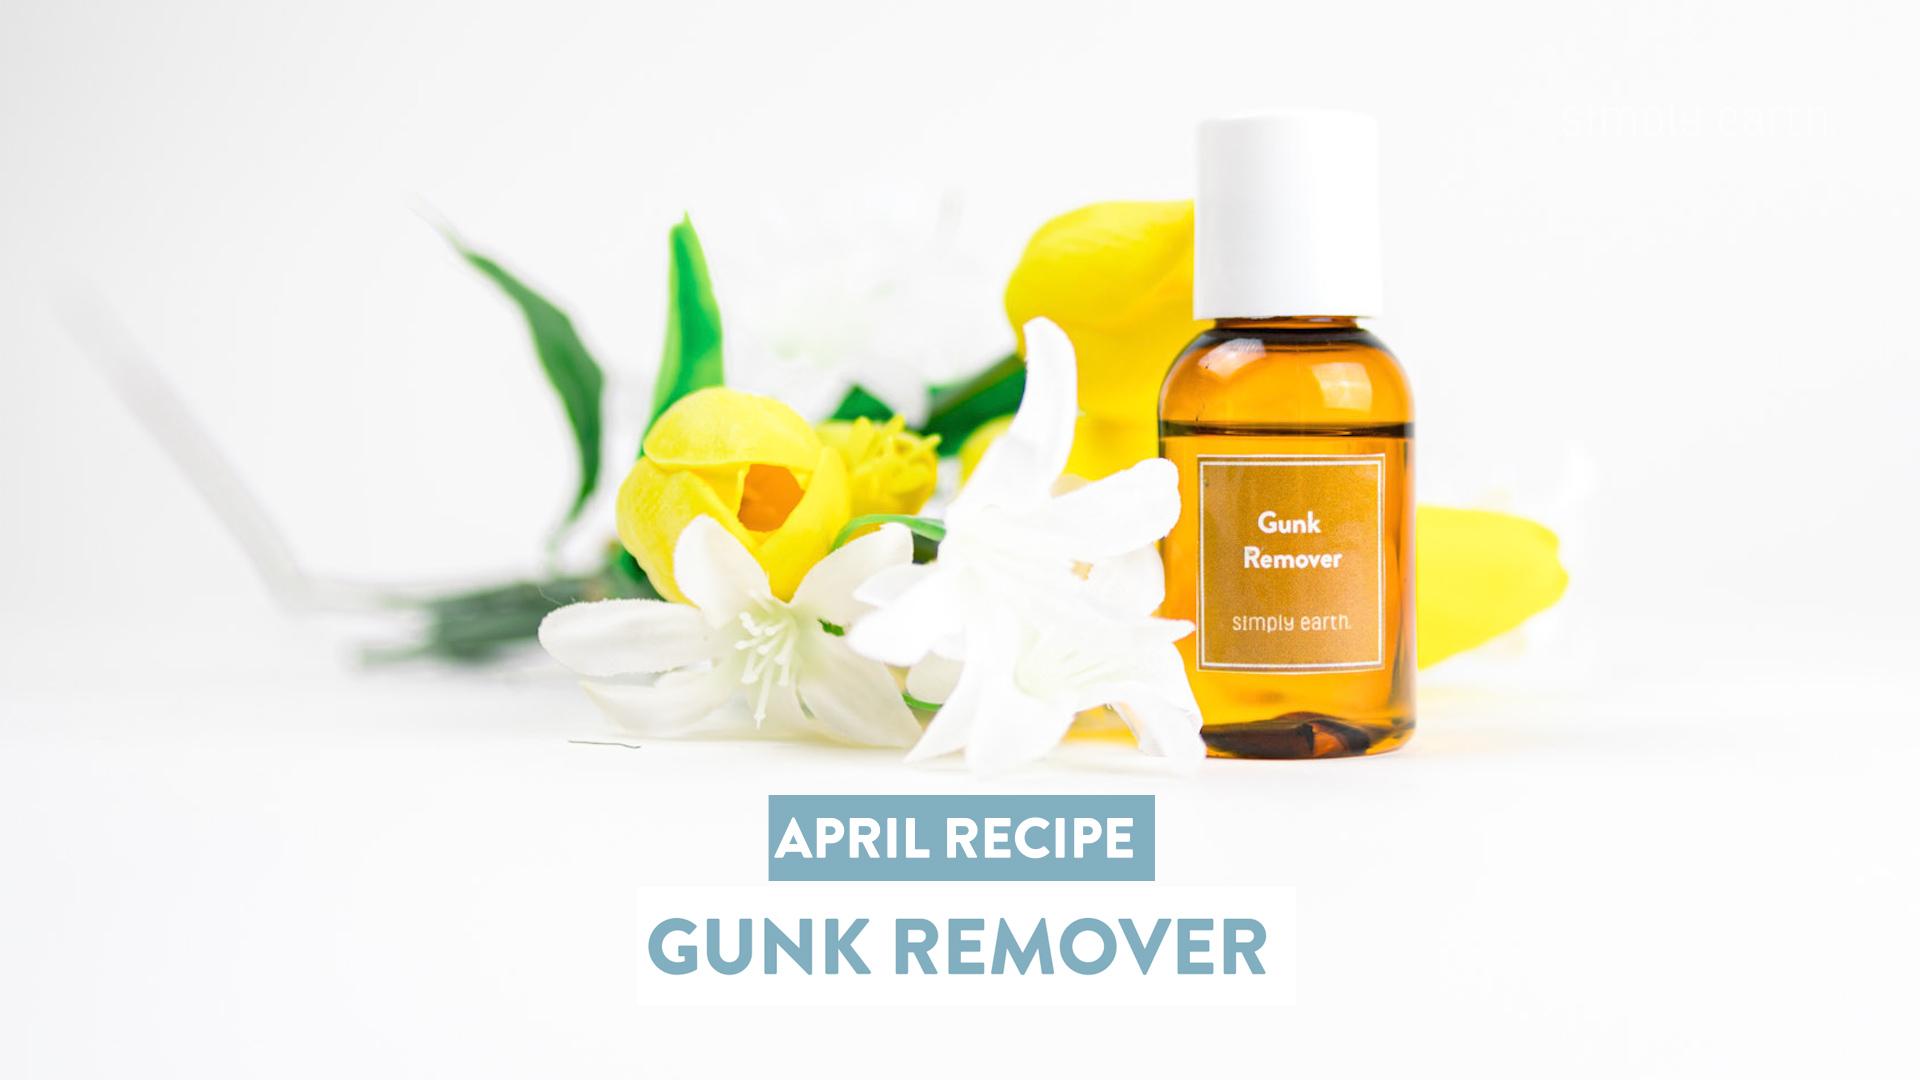 Gunk Remover